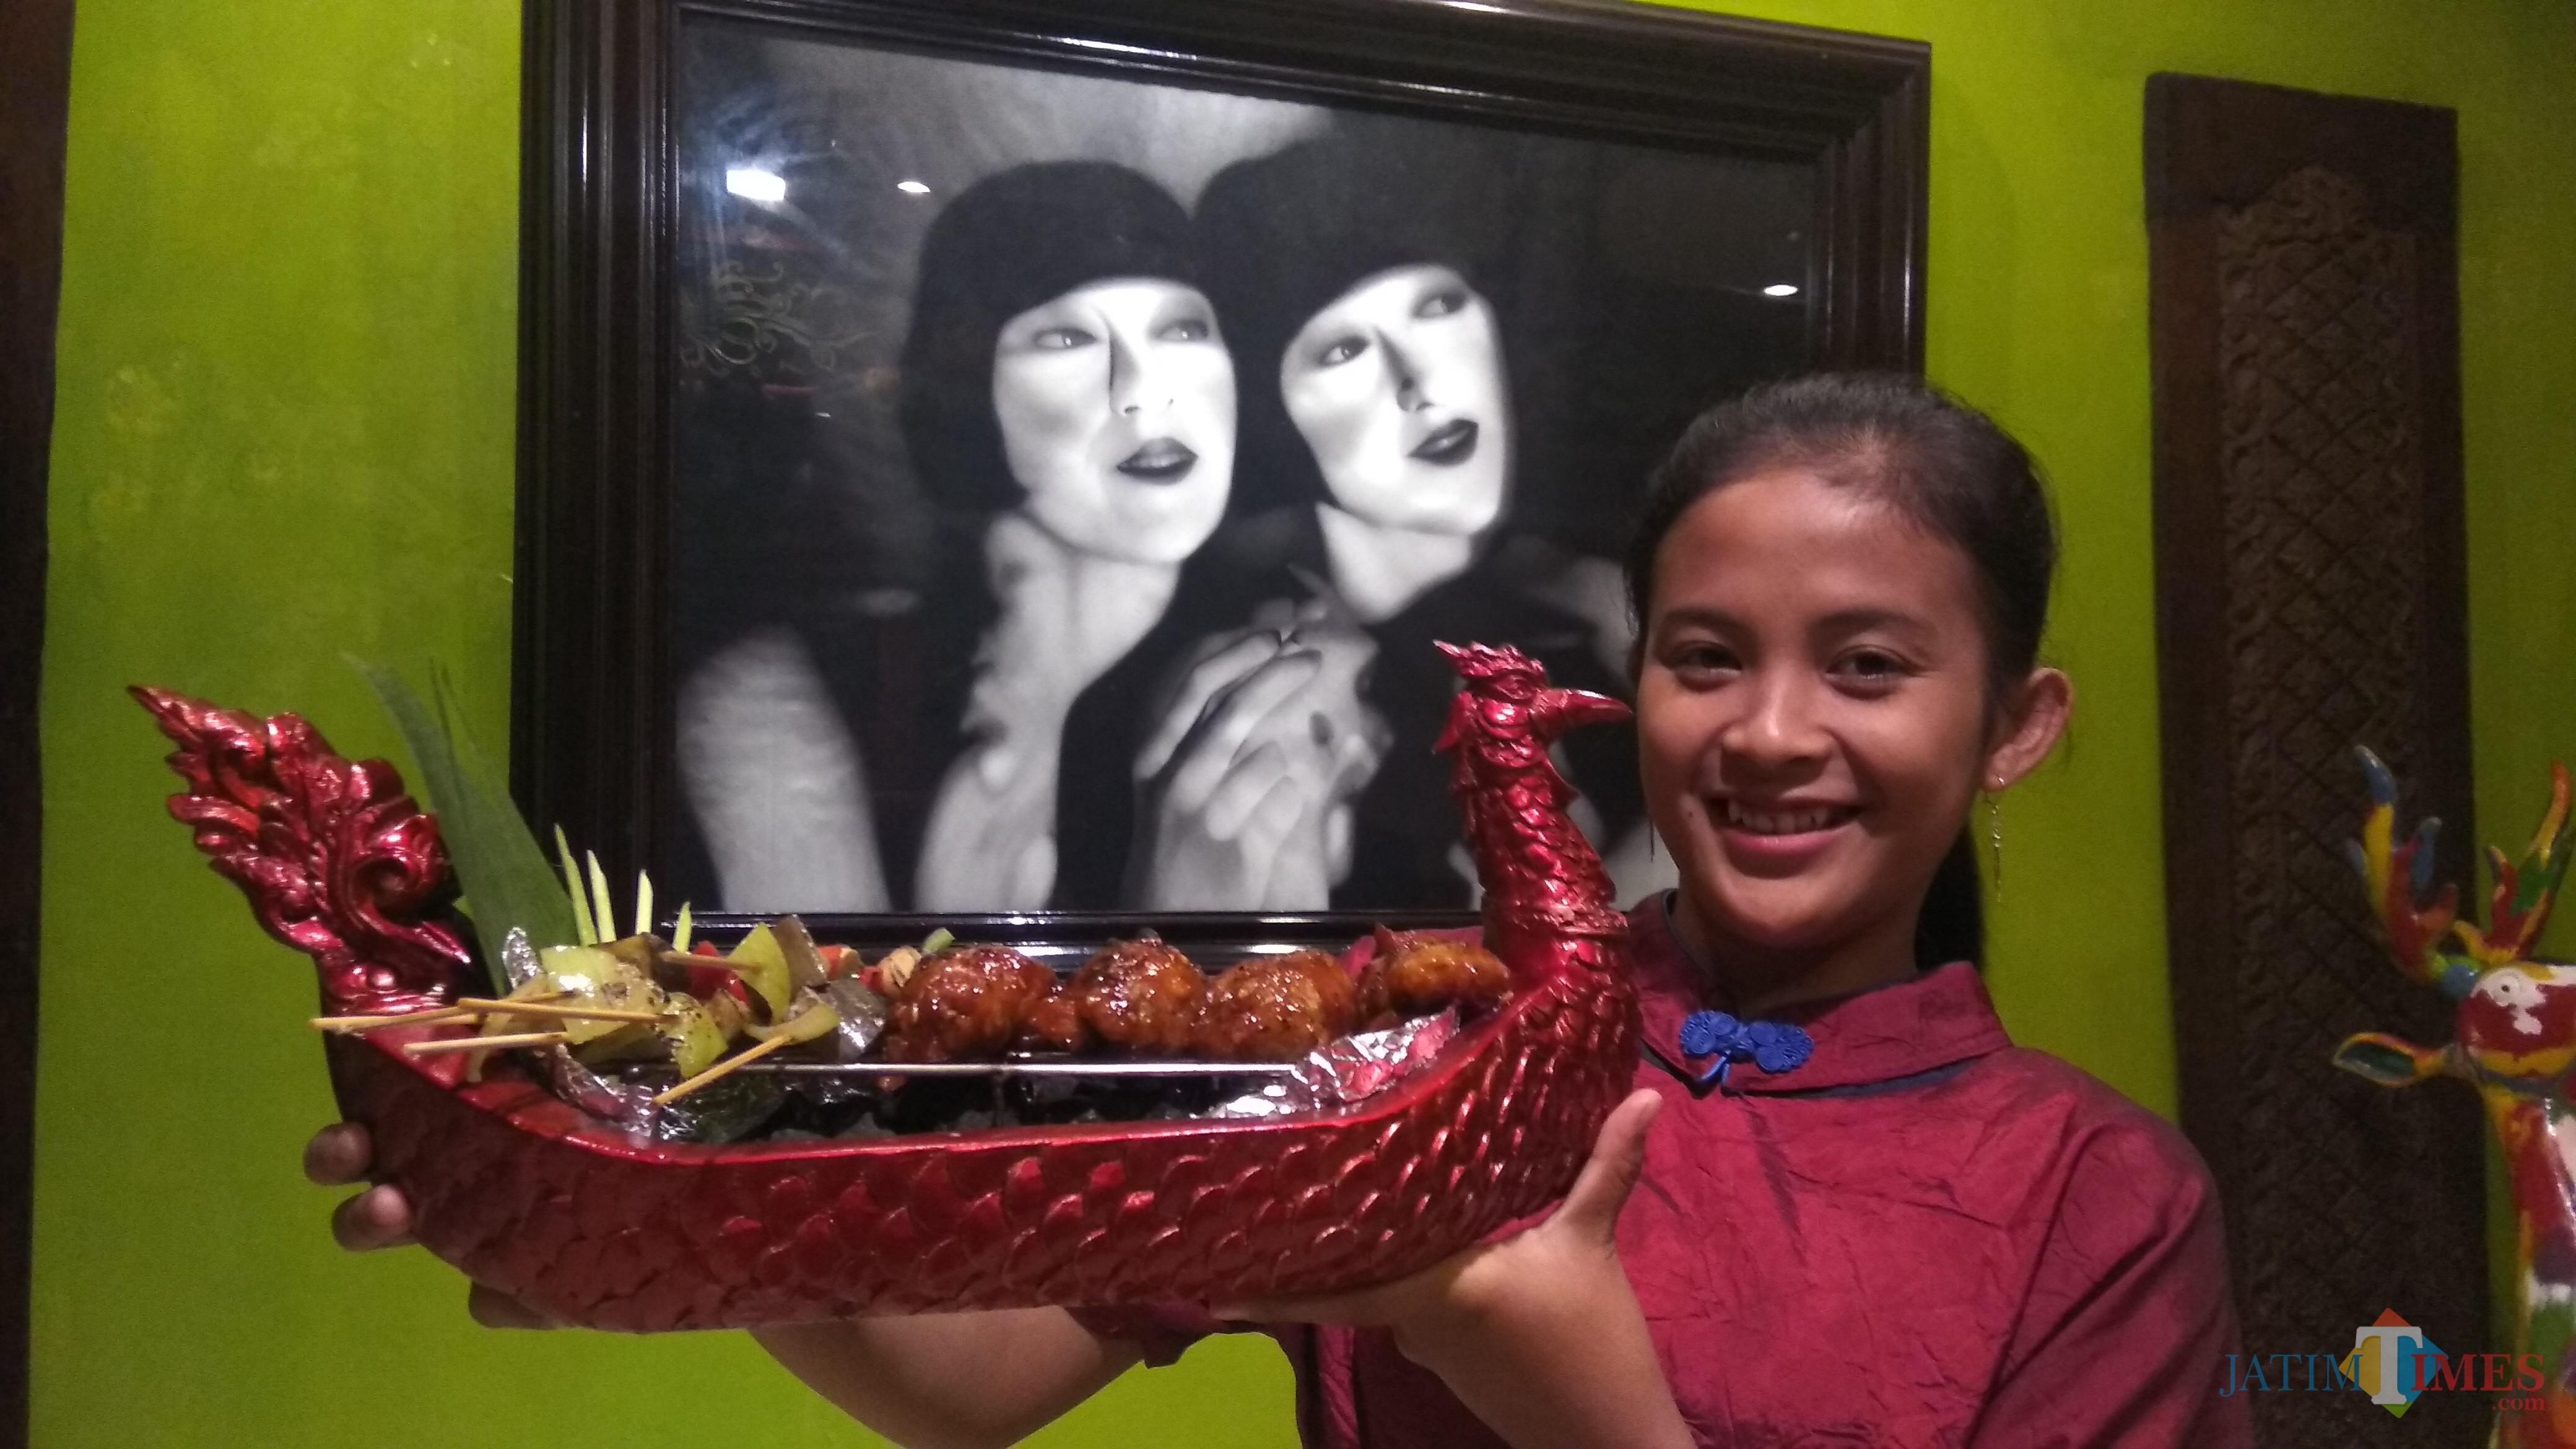 Street food yang disajikan dalam miniatur perahu naga terinspirasi Chao Praya Night Market di Hotel Tugu Malang. (Foto: Nurlayla Ratri/MalangTIMES)